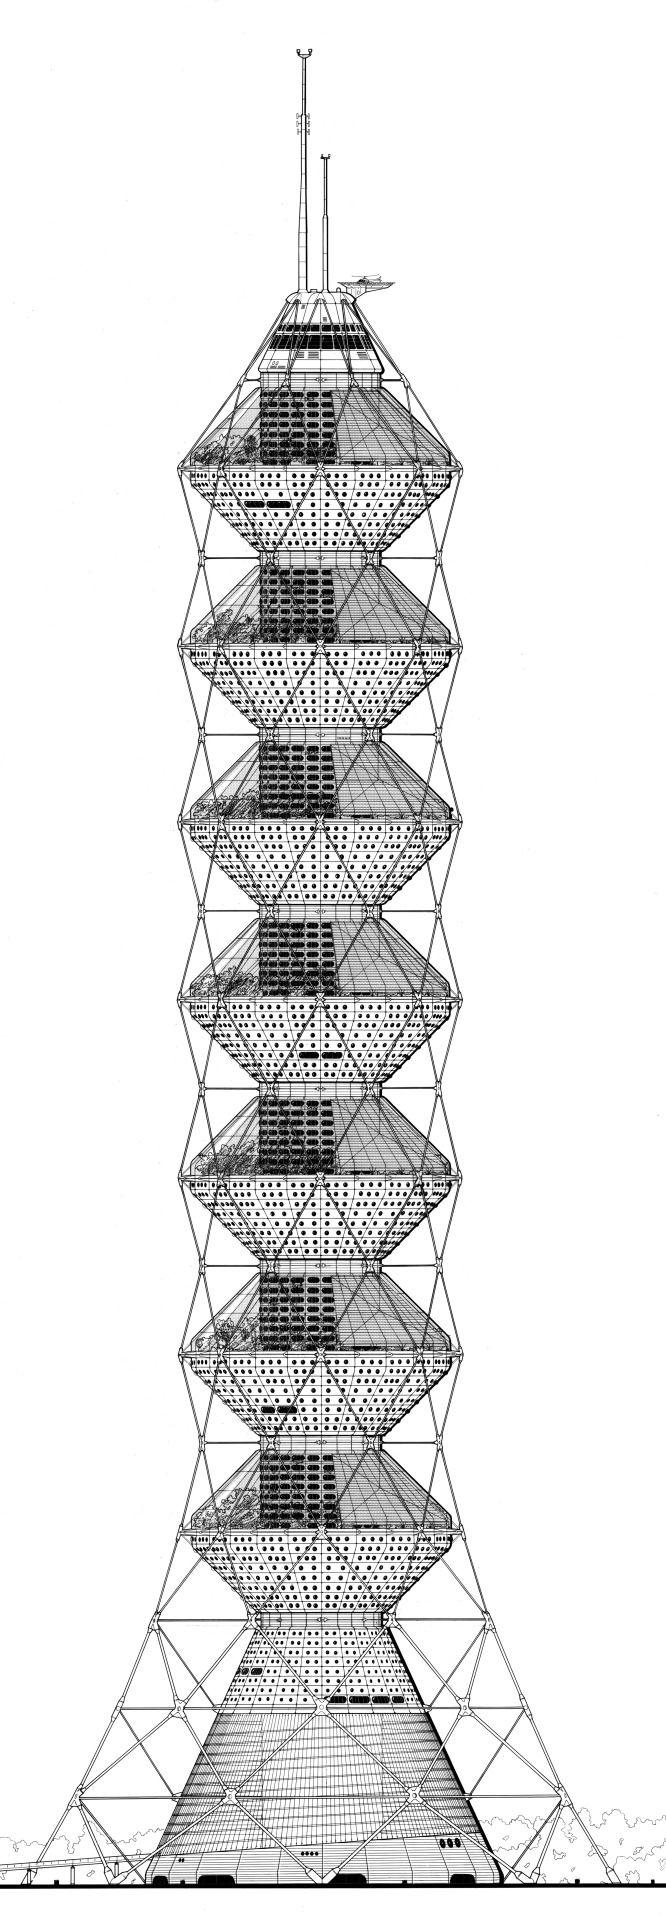 Future Systems (Jan Kaplický, Amanda Levete & David Nixon)   Torre Coexistence   Nueva York, Estados Unidos   1984